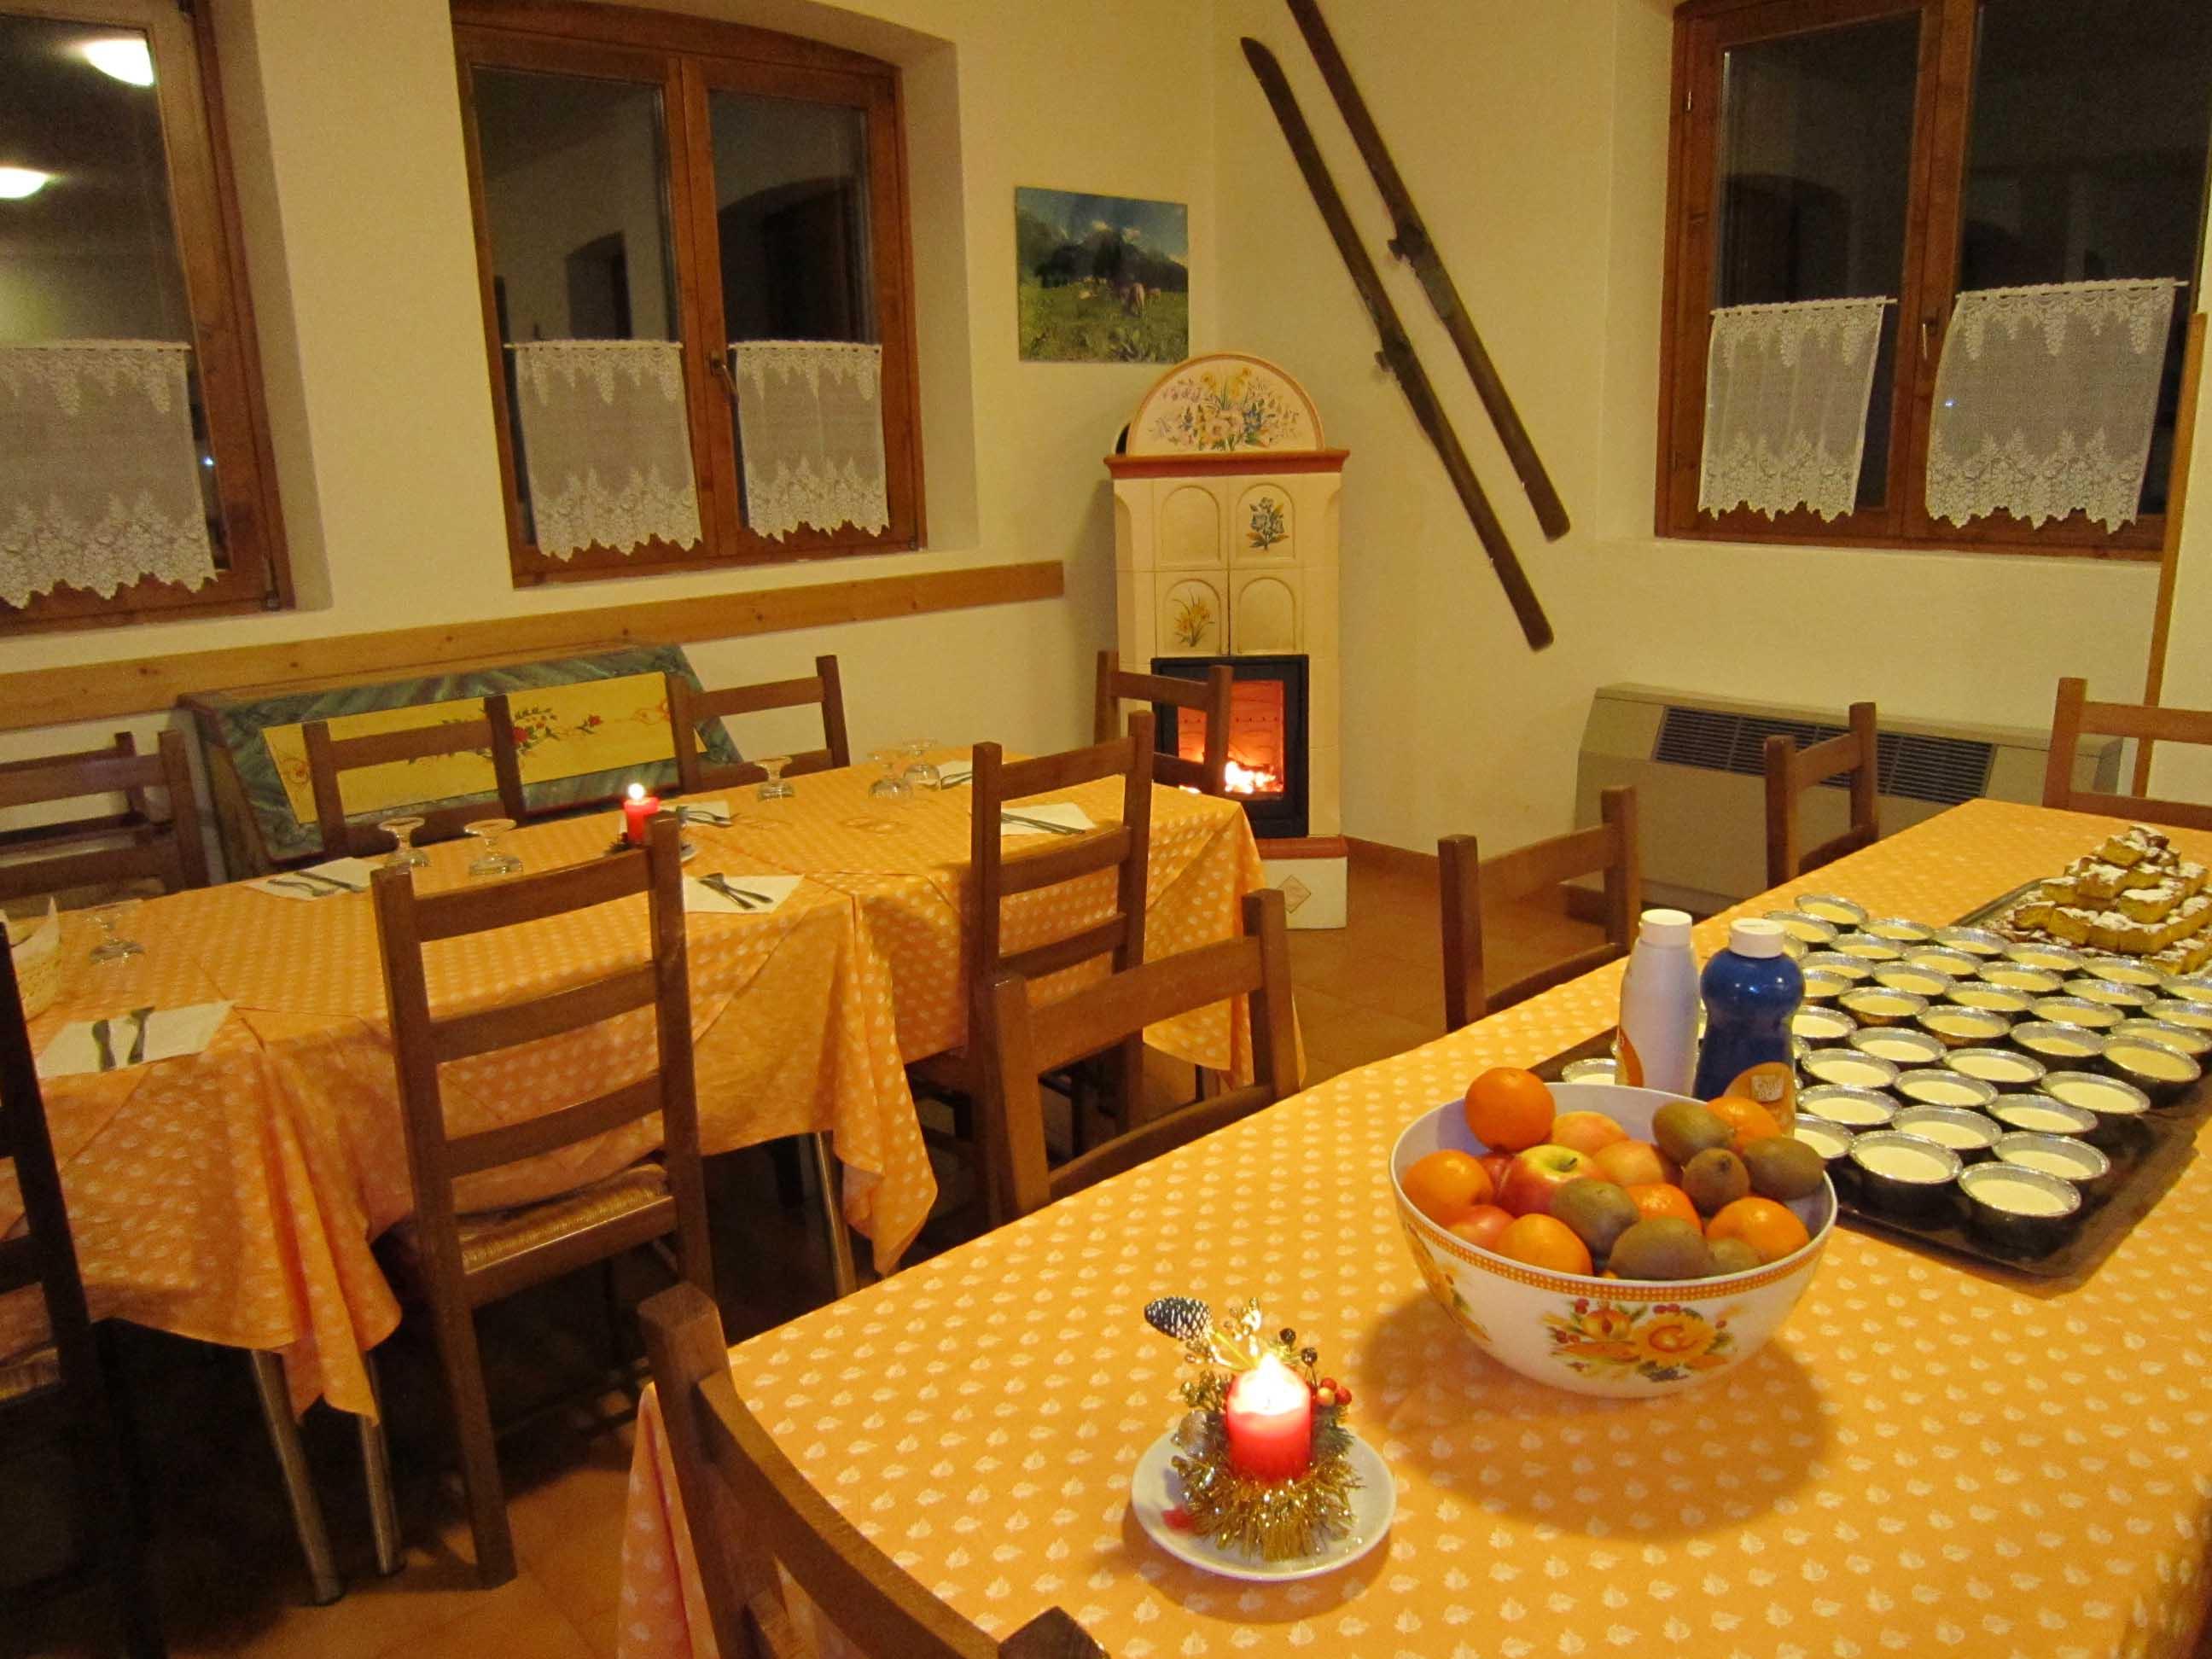 Casa Alpina A Canale D'Agordo (BL) Rif. 358 #C0430B 2592 1944 Sala Da Pranzo Americano